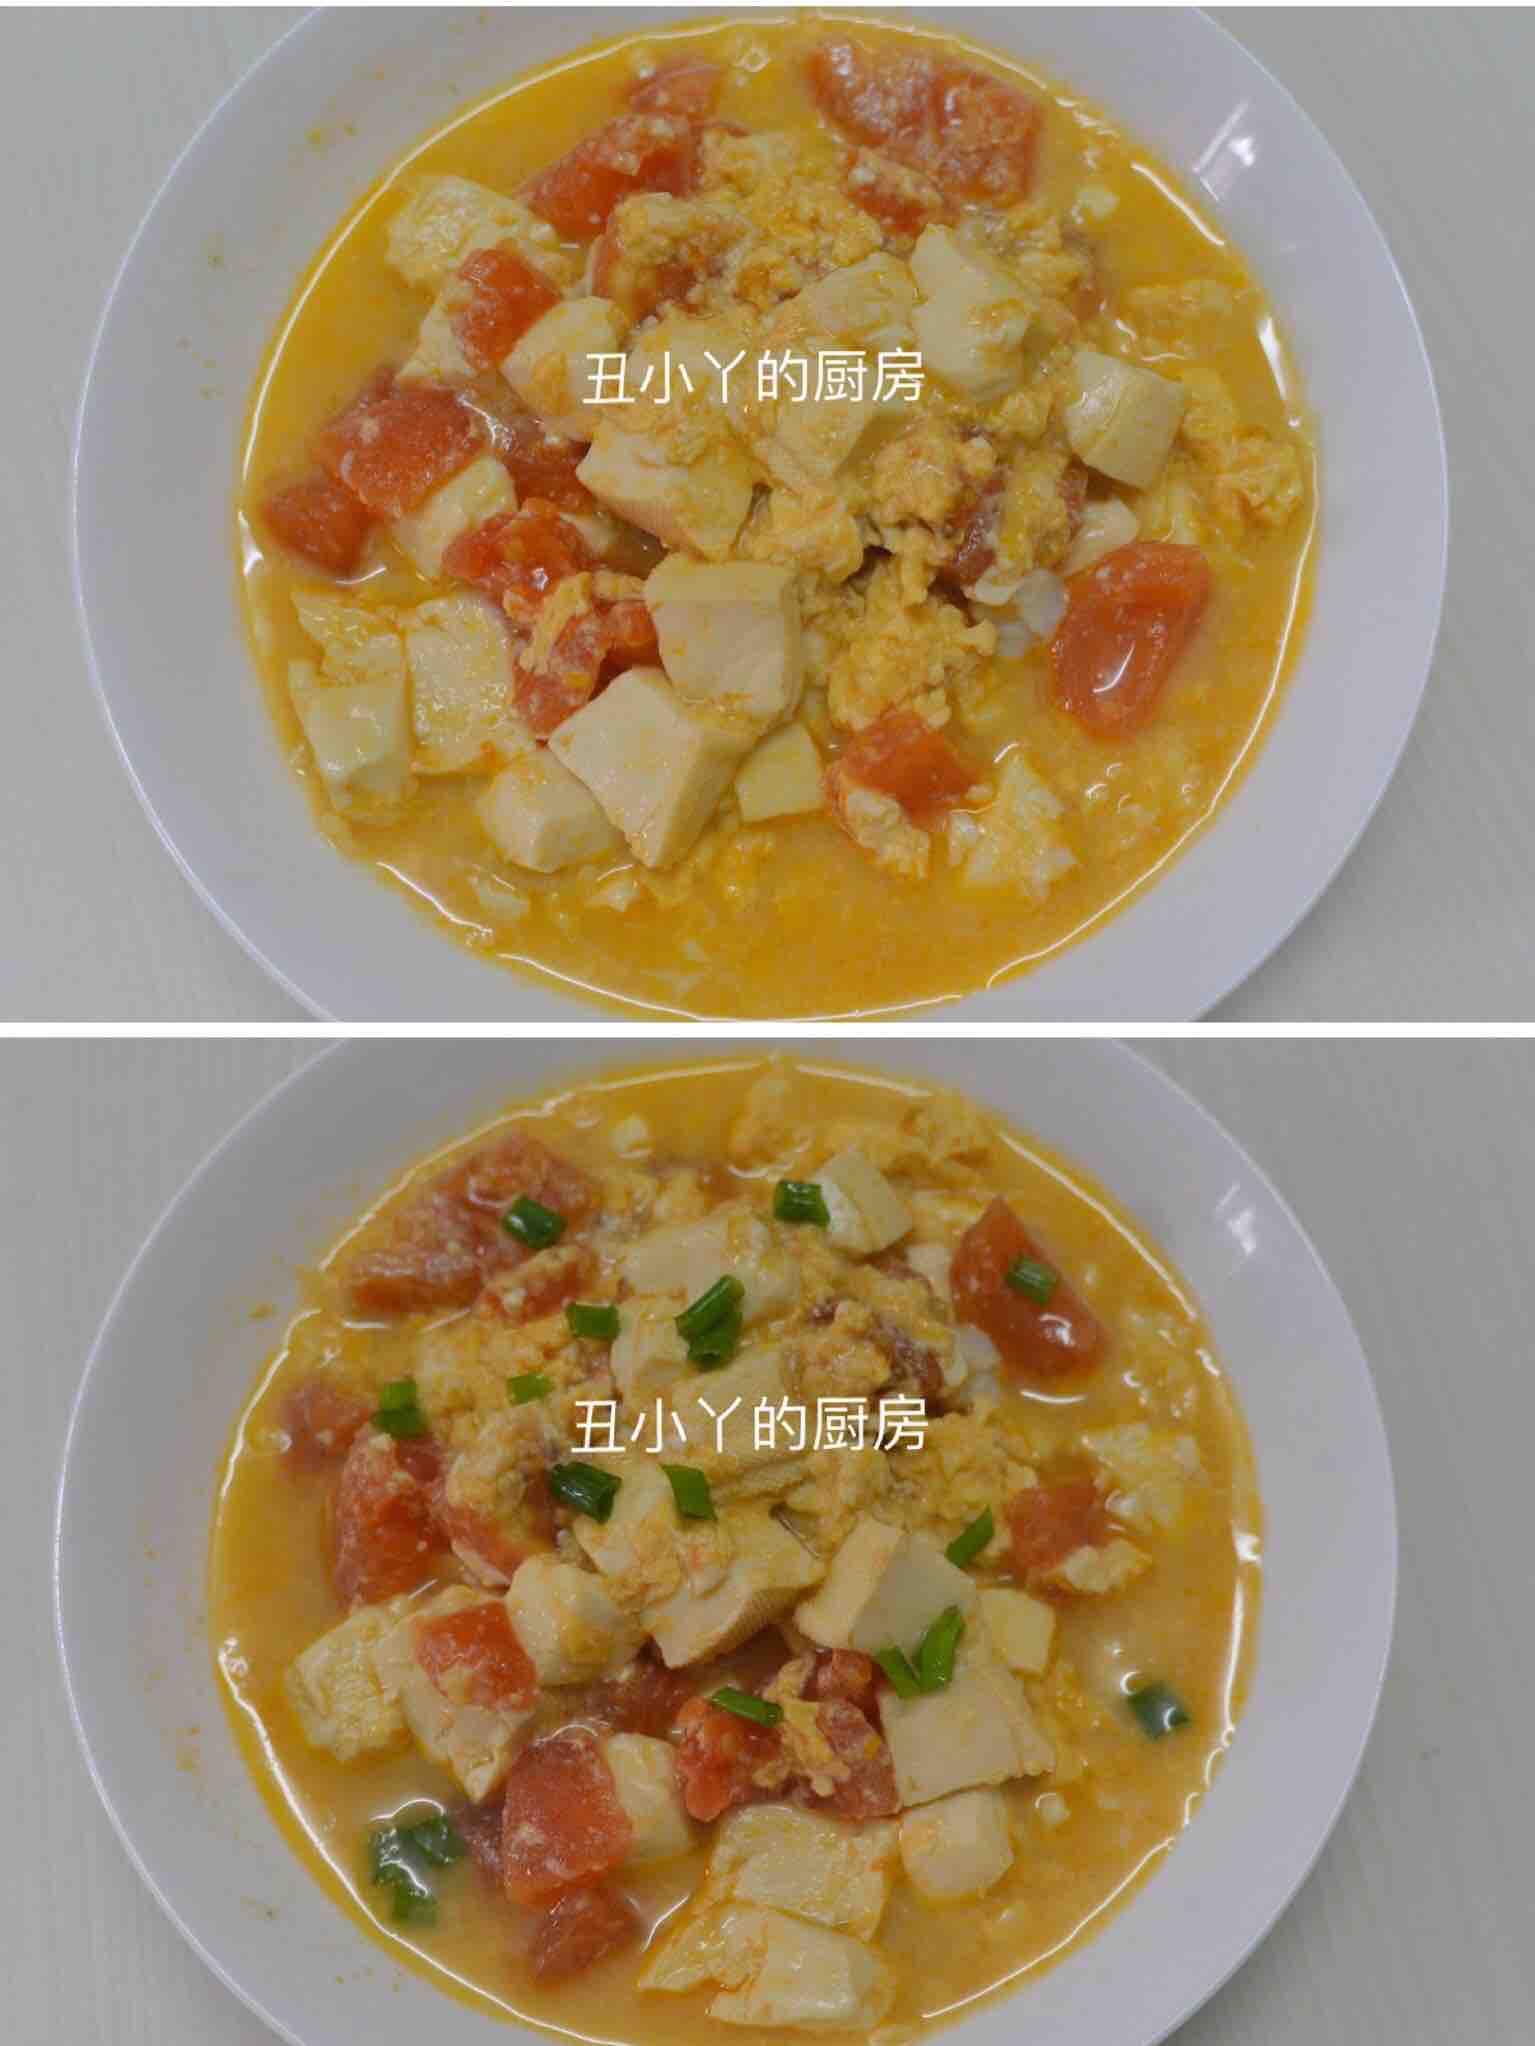 酸爽开胃 番茄豆腐鸡蛋羹